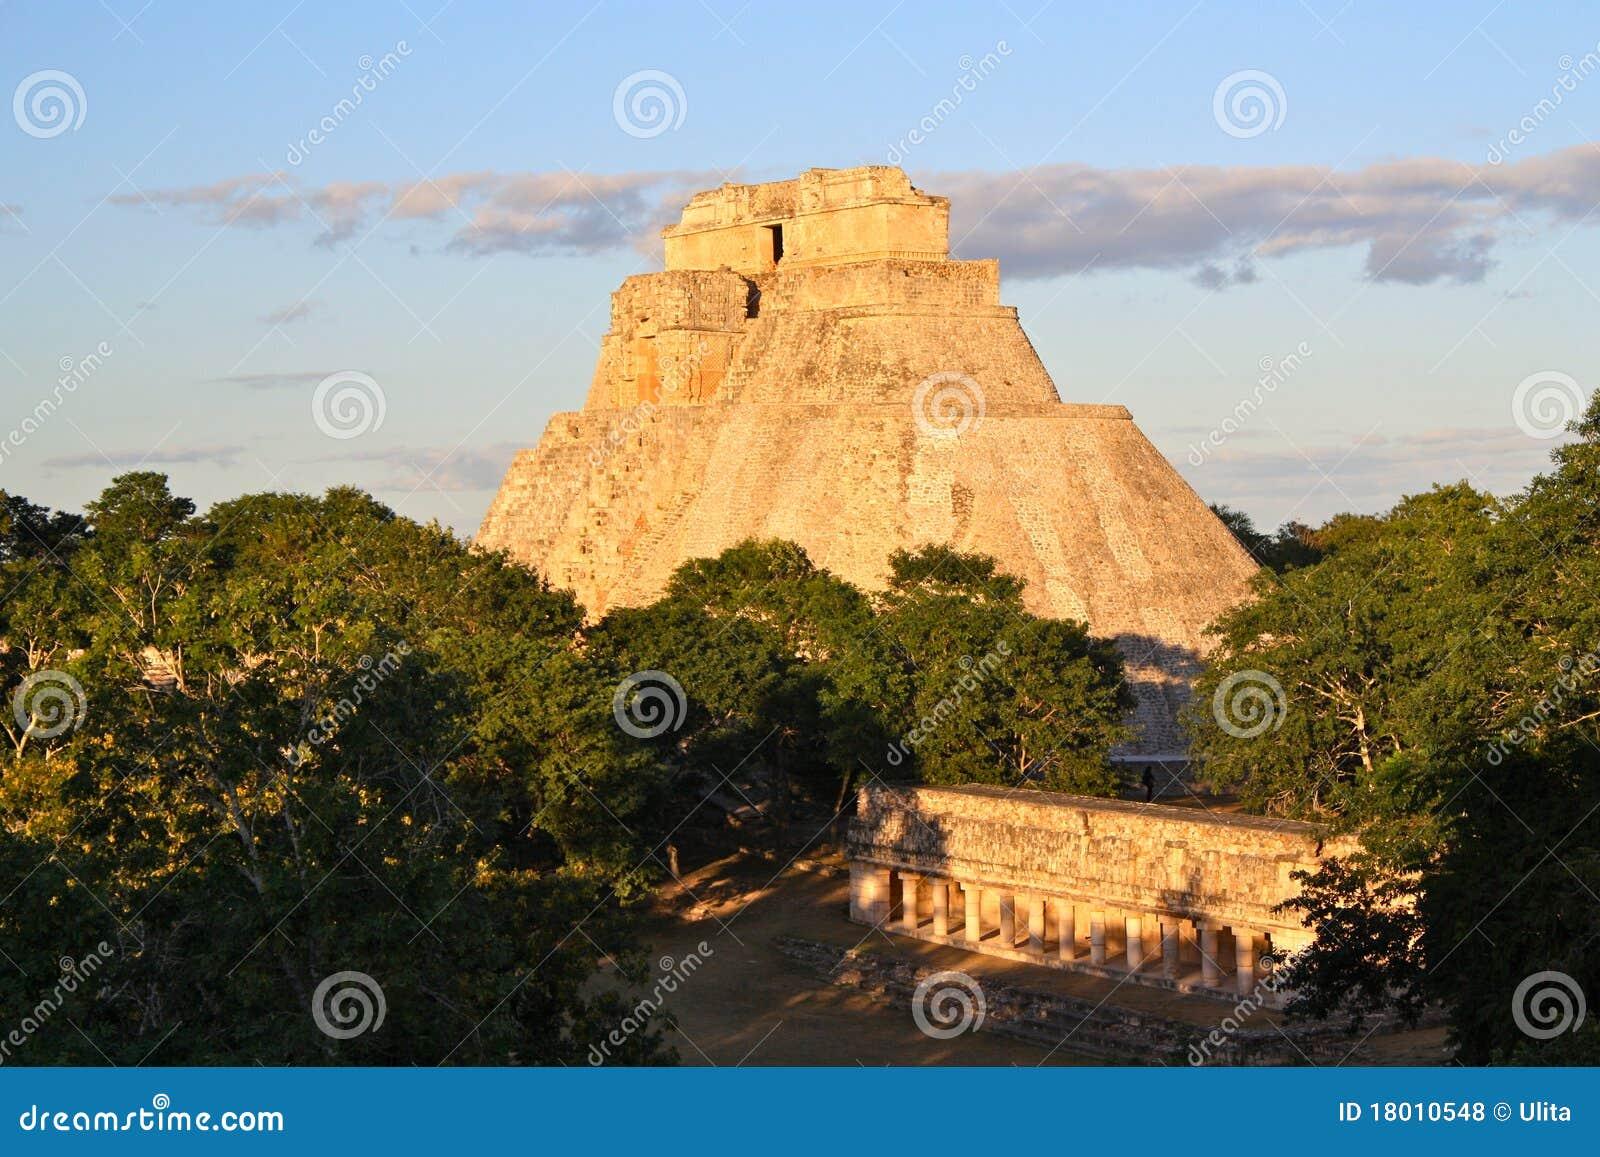 uxmal mayan pyramid  yucatan  mexico royalty free stock photos